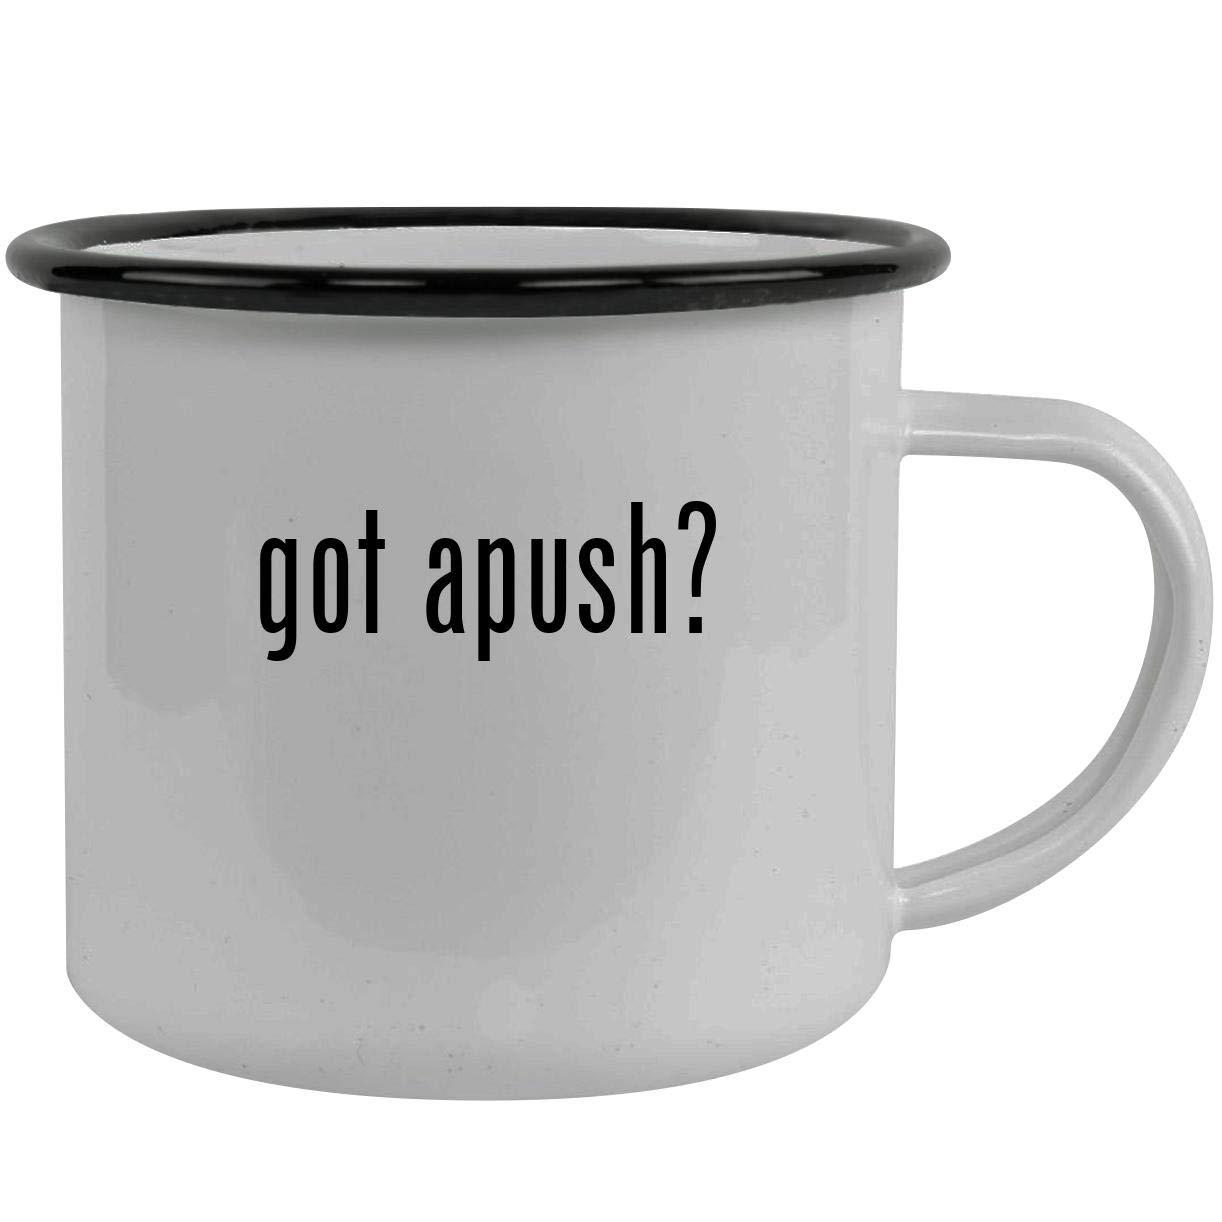 got apush? - Stainless Steel 12oz Camping Mug, Black